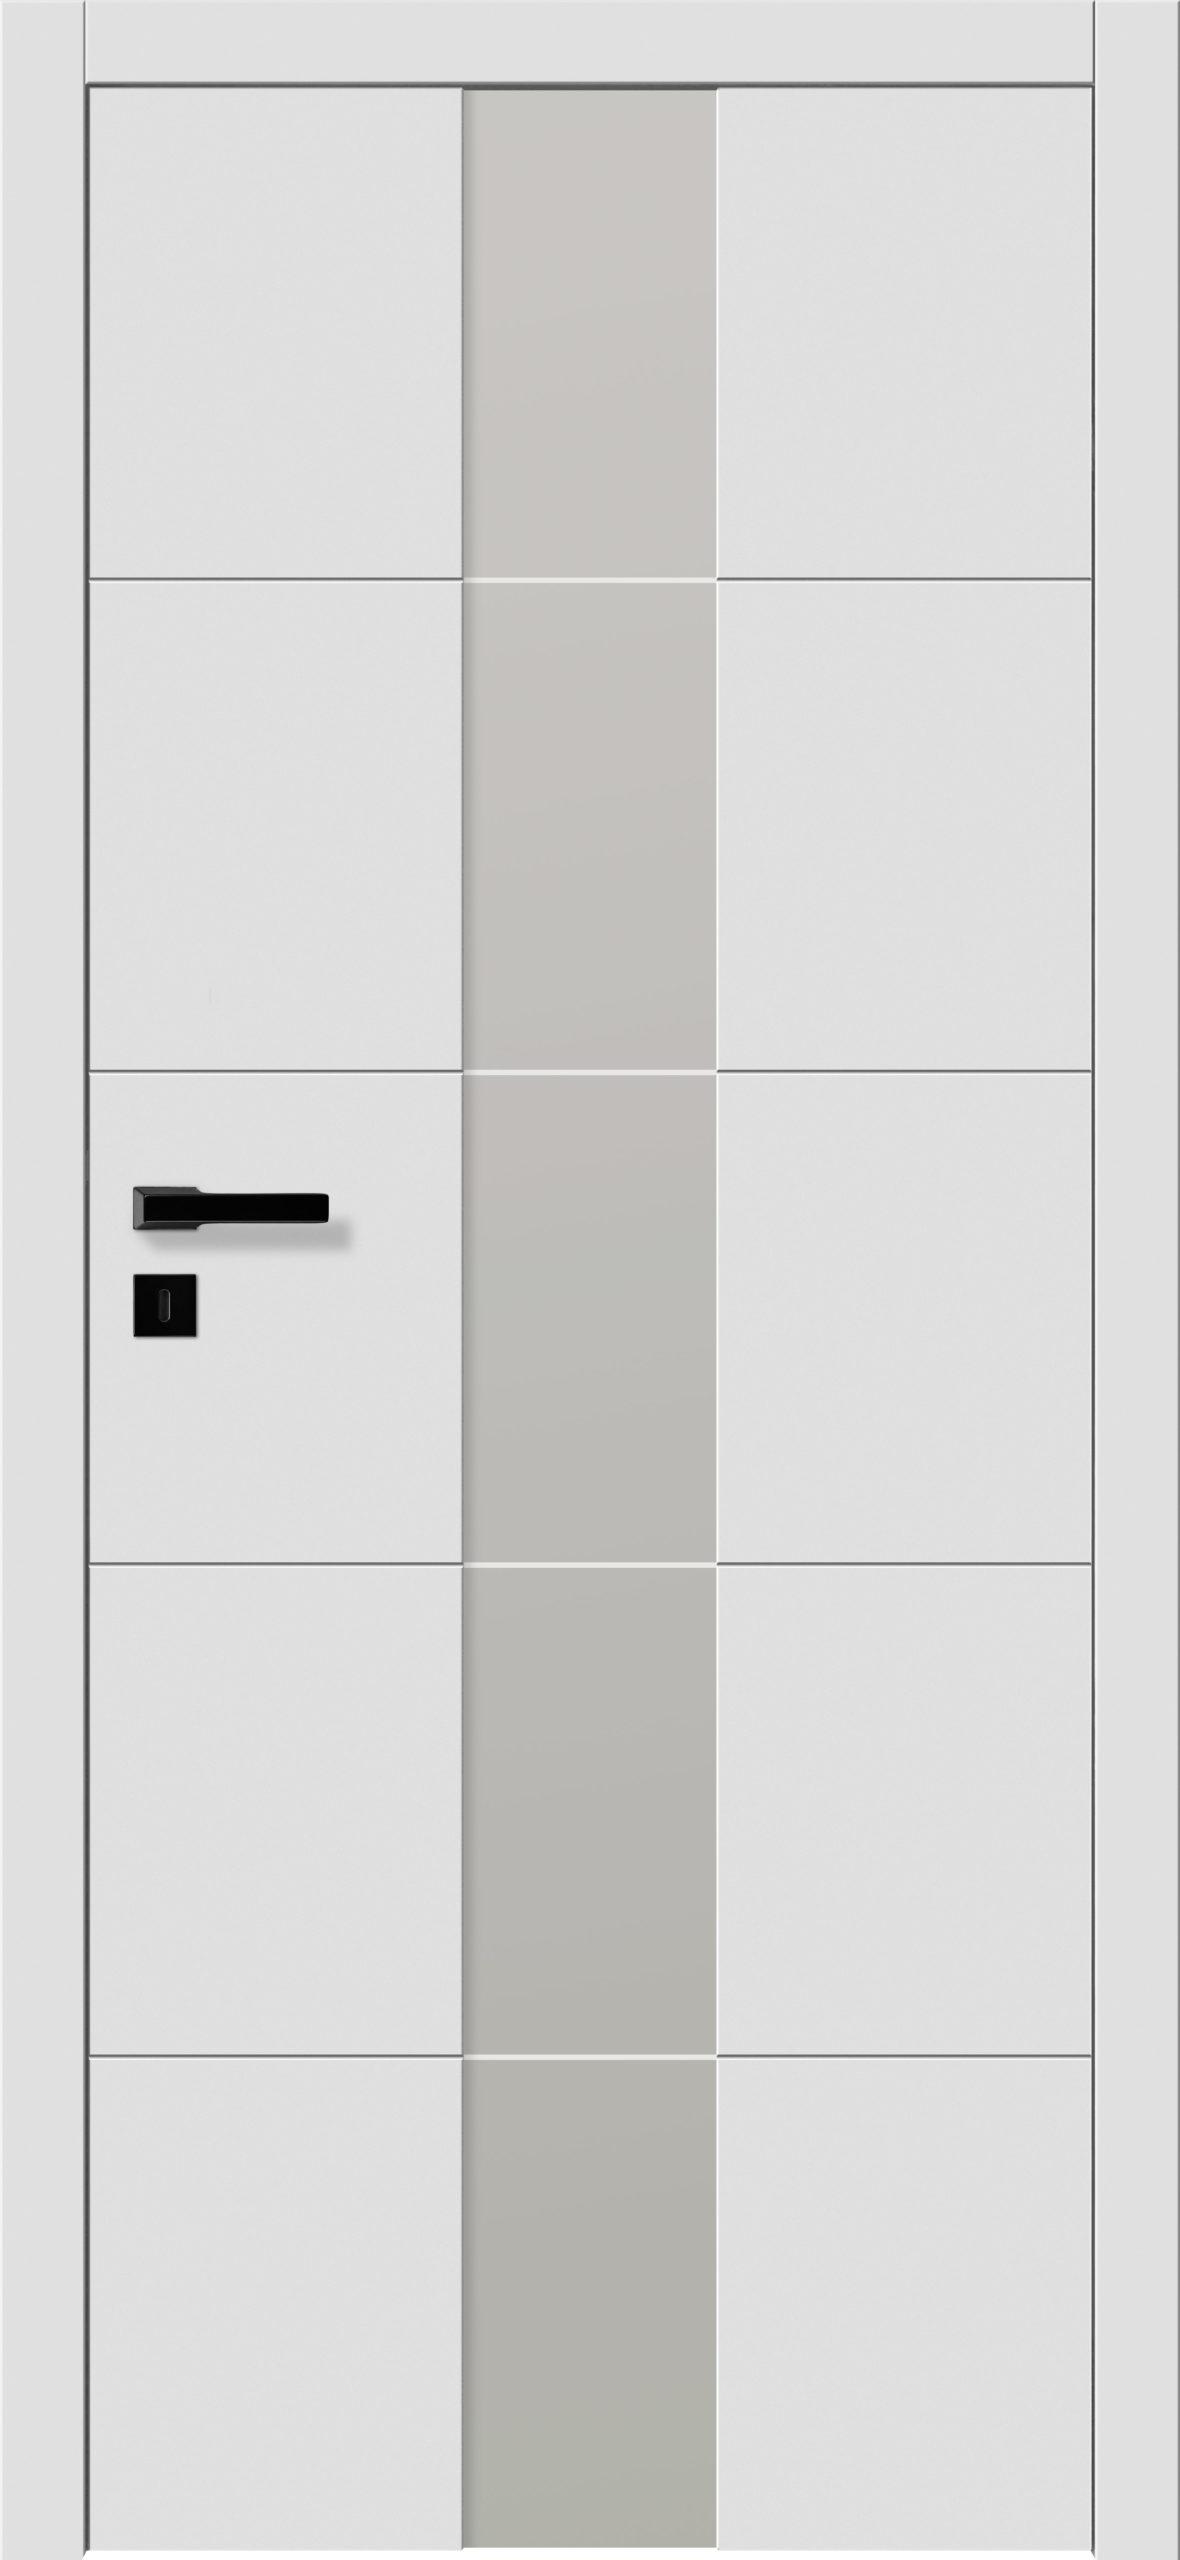 Focus A18 - gładki RAL - RAL 9016 - szklenie lacomat bezpieczny - ościeżnica przylgowa regulowana drewniana prosta (IIa)